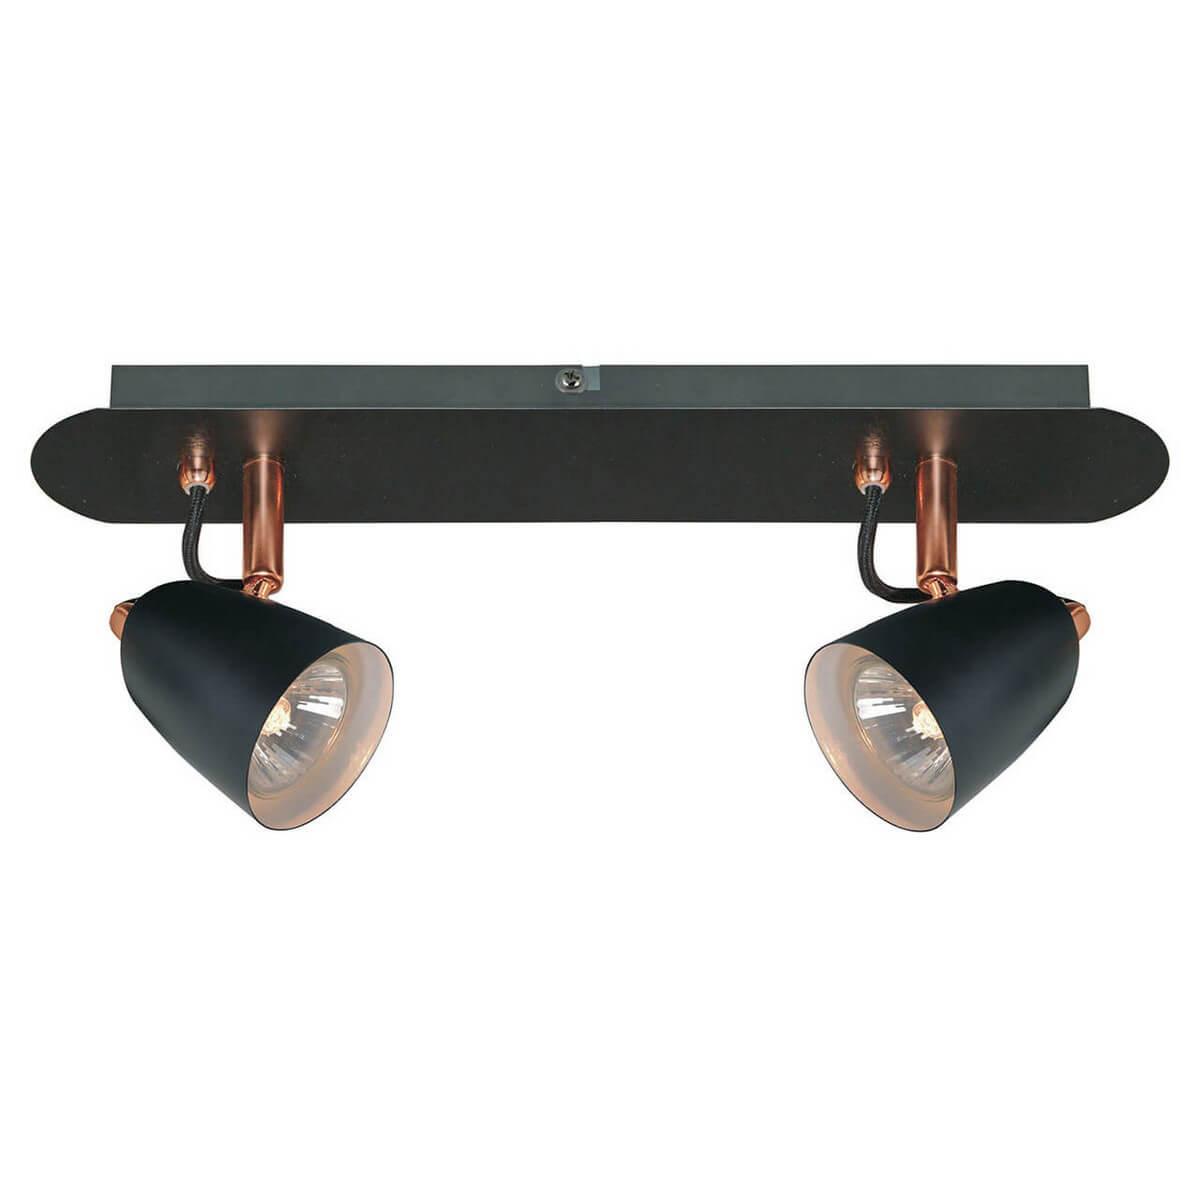 Lussole Loft GRLSP-9852